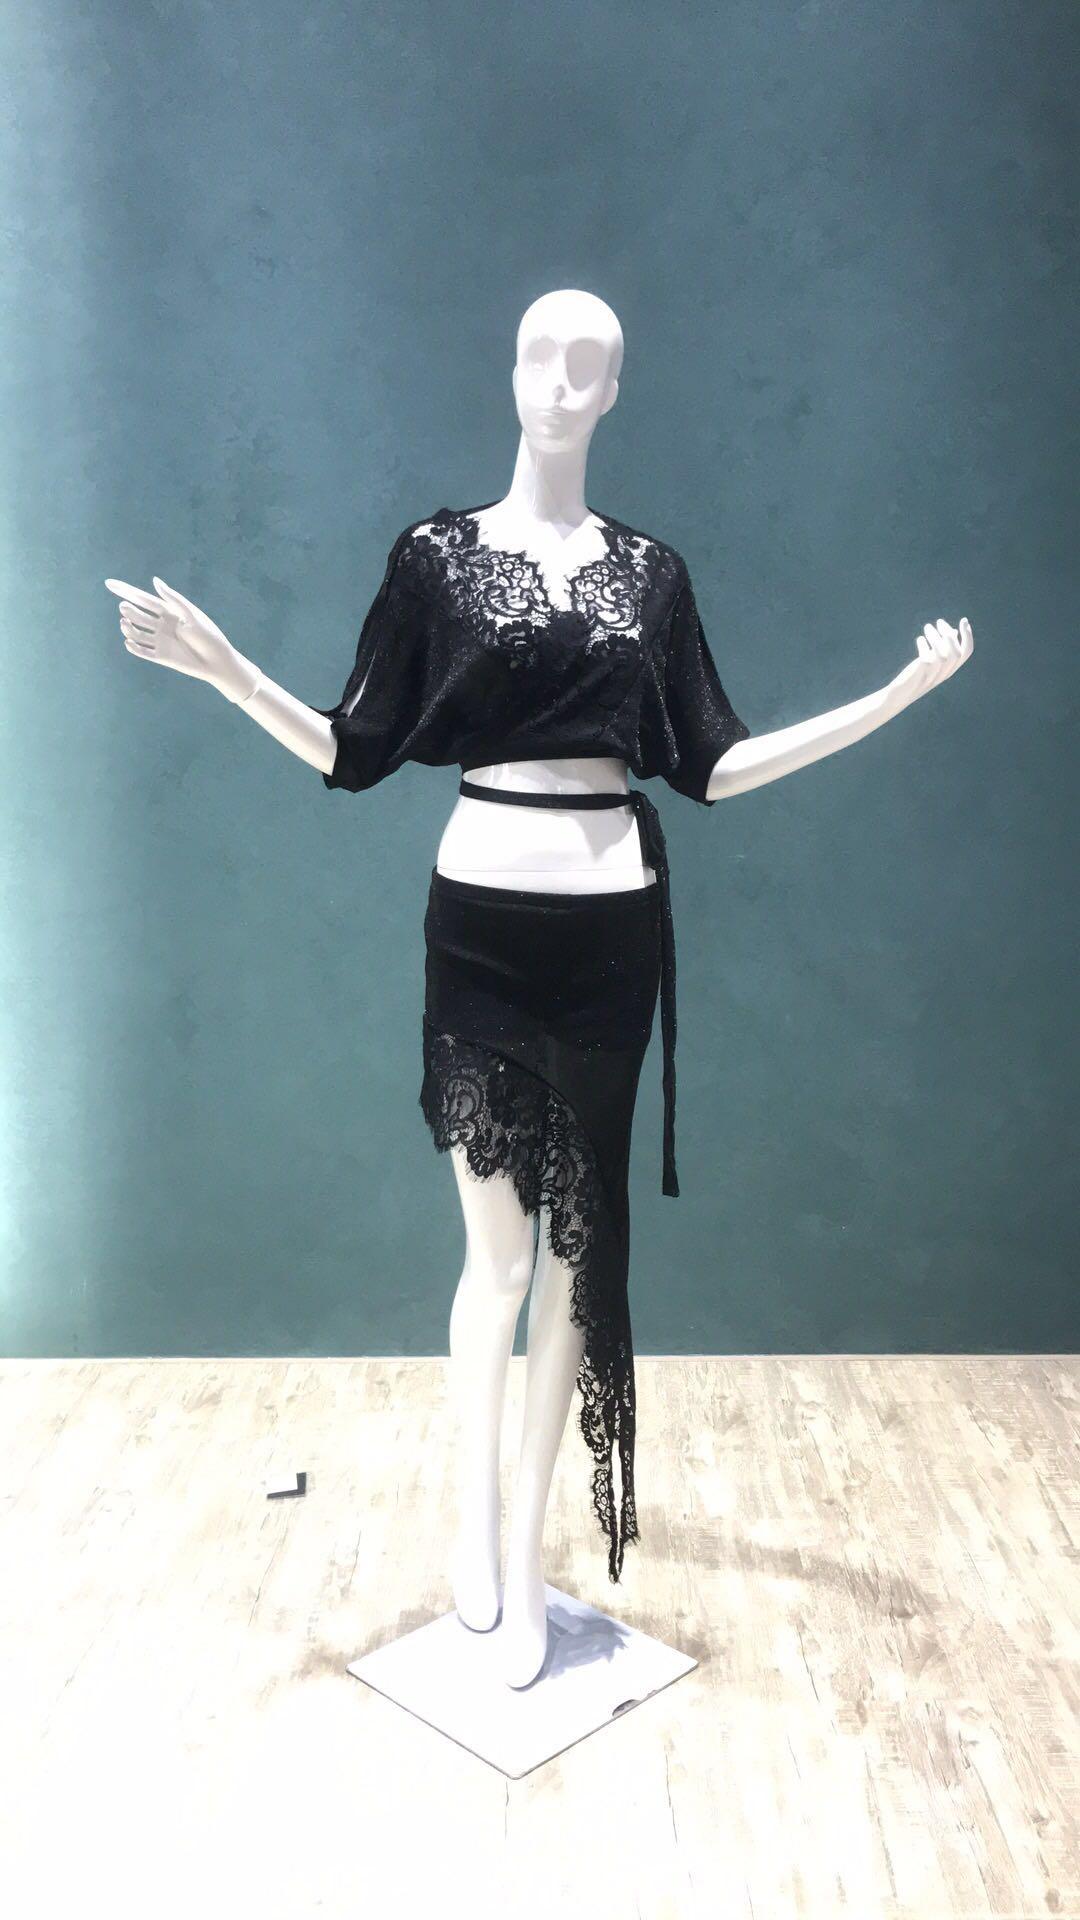 Oriental dancing costume Belly dance hair swinging Indian Egyptian dance costumes Bellydance clothes bra belt skirt dress 3260